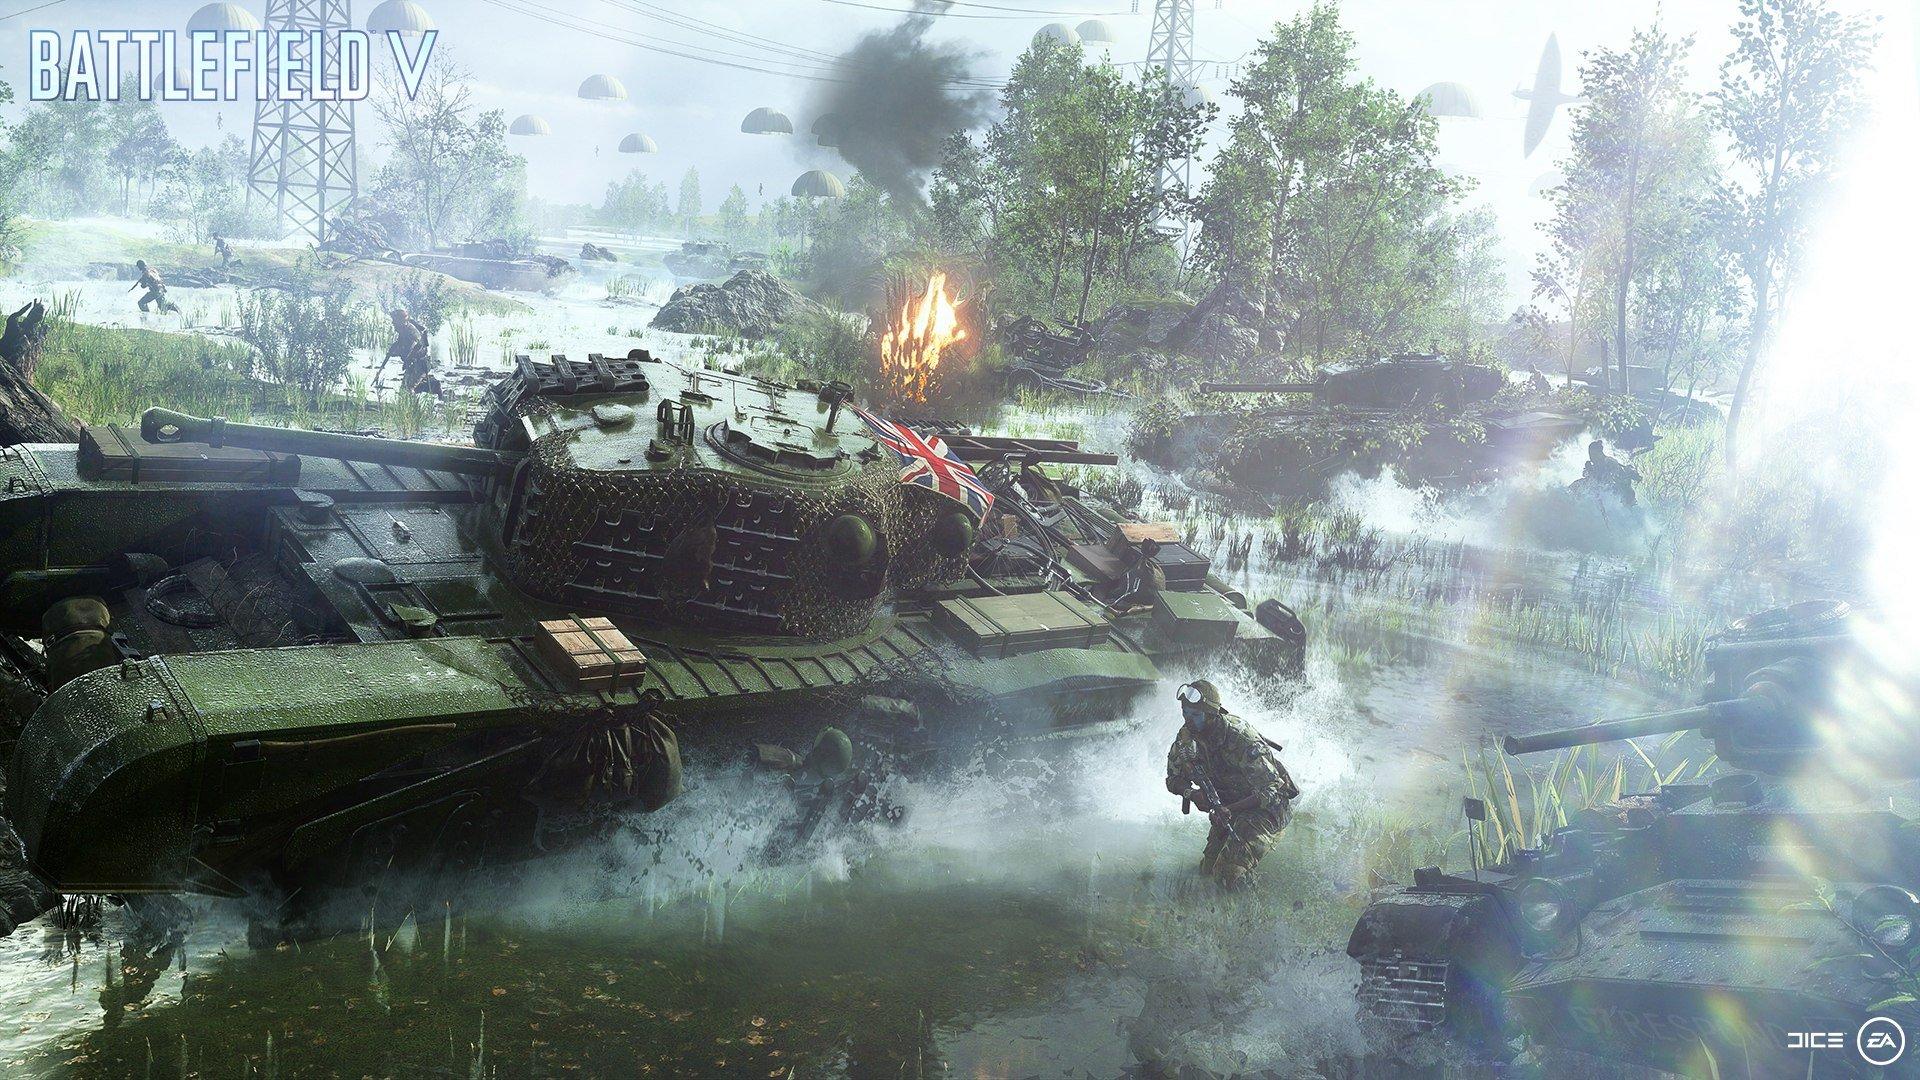 Окончательная дата выхода Battlefield 5 — 19 октября.